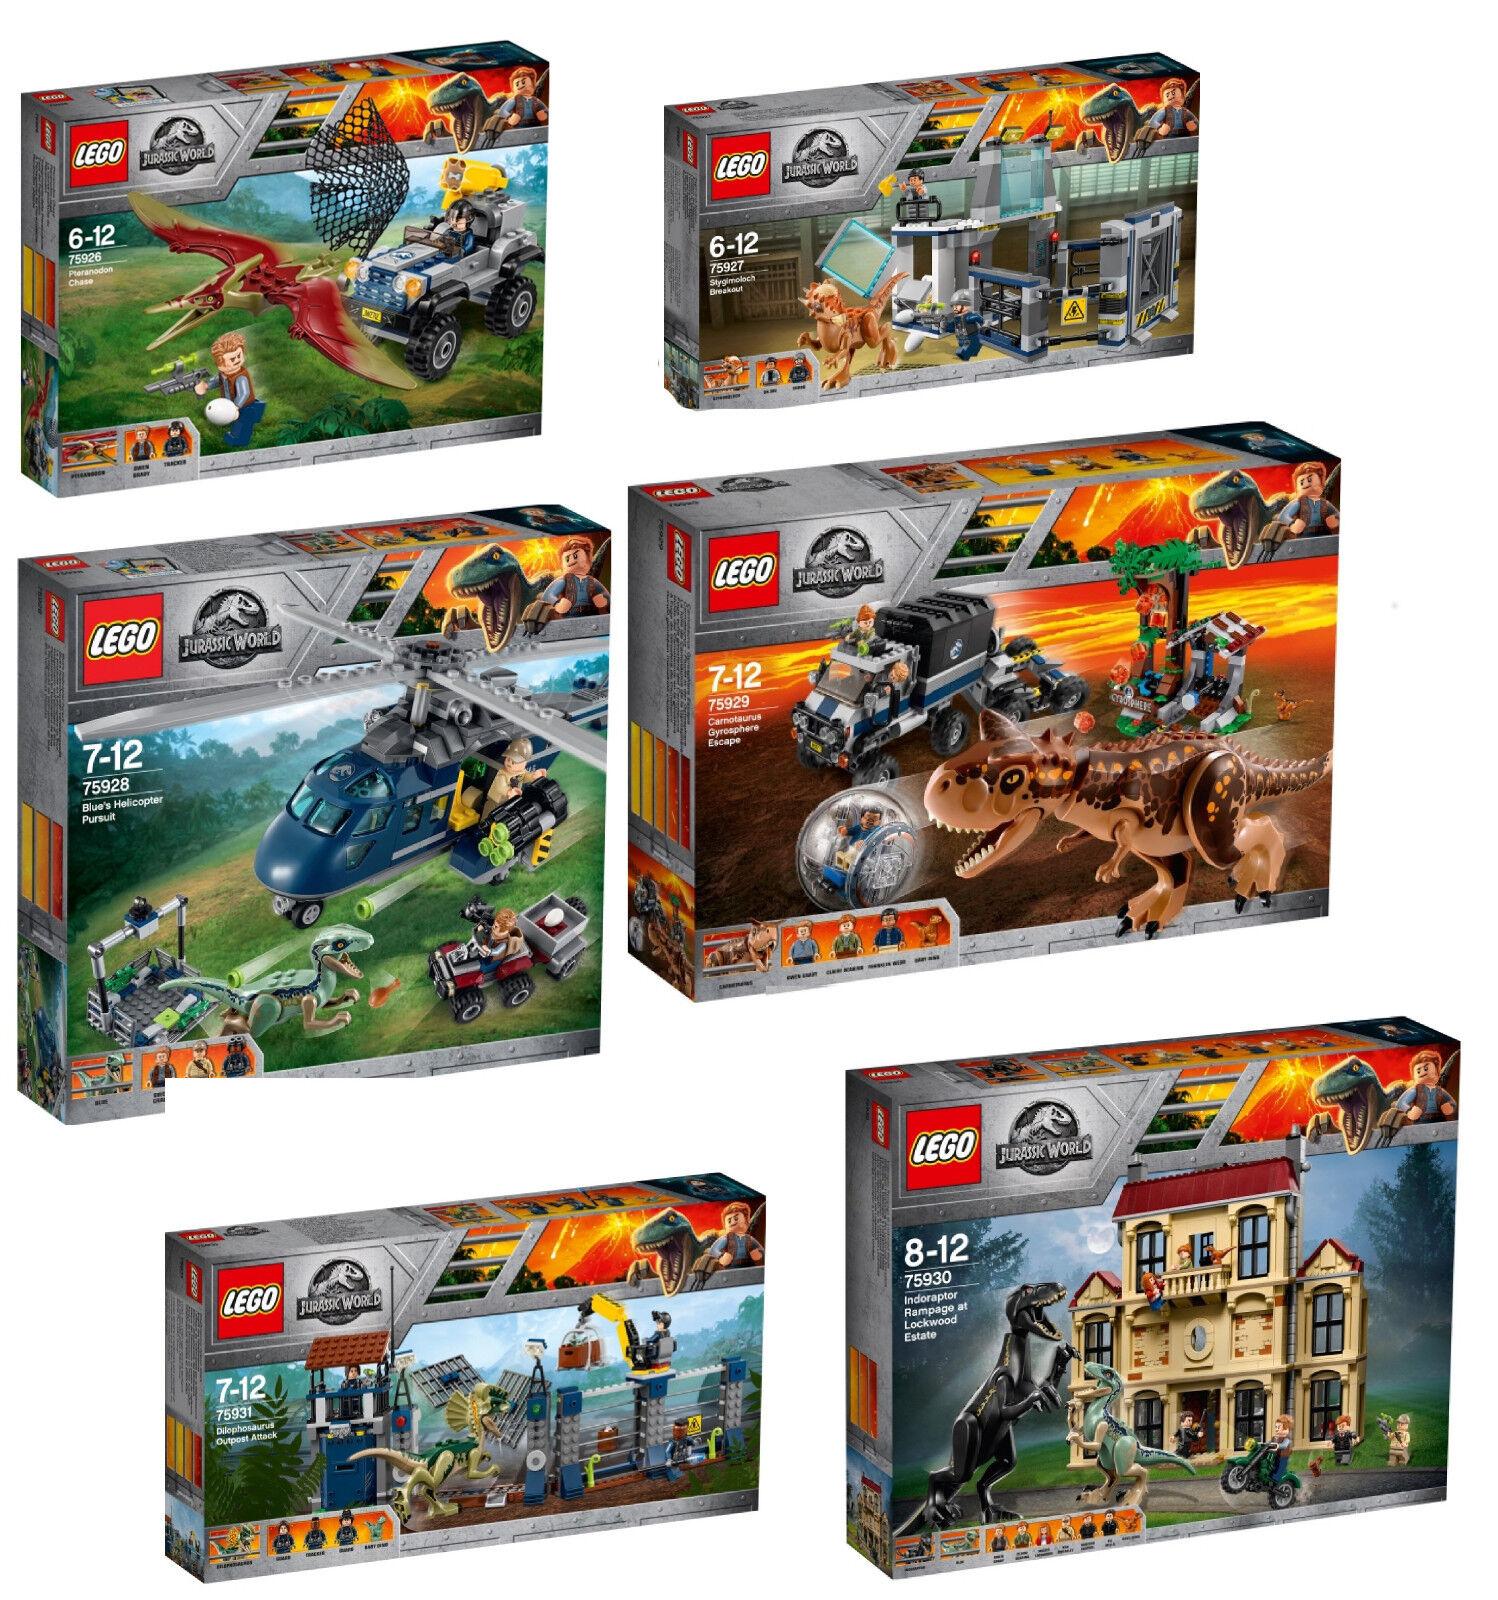 Lego Jurassic World 6er set, 75926 + 75927+ 75928  + 75929 + 75930 + 75931 nouveau  bienvenue à l'ordre